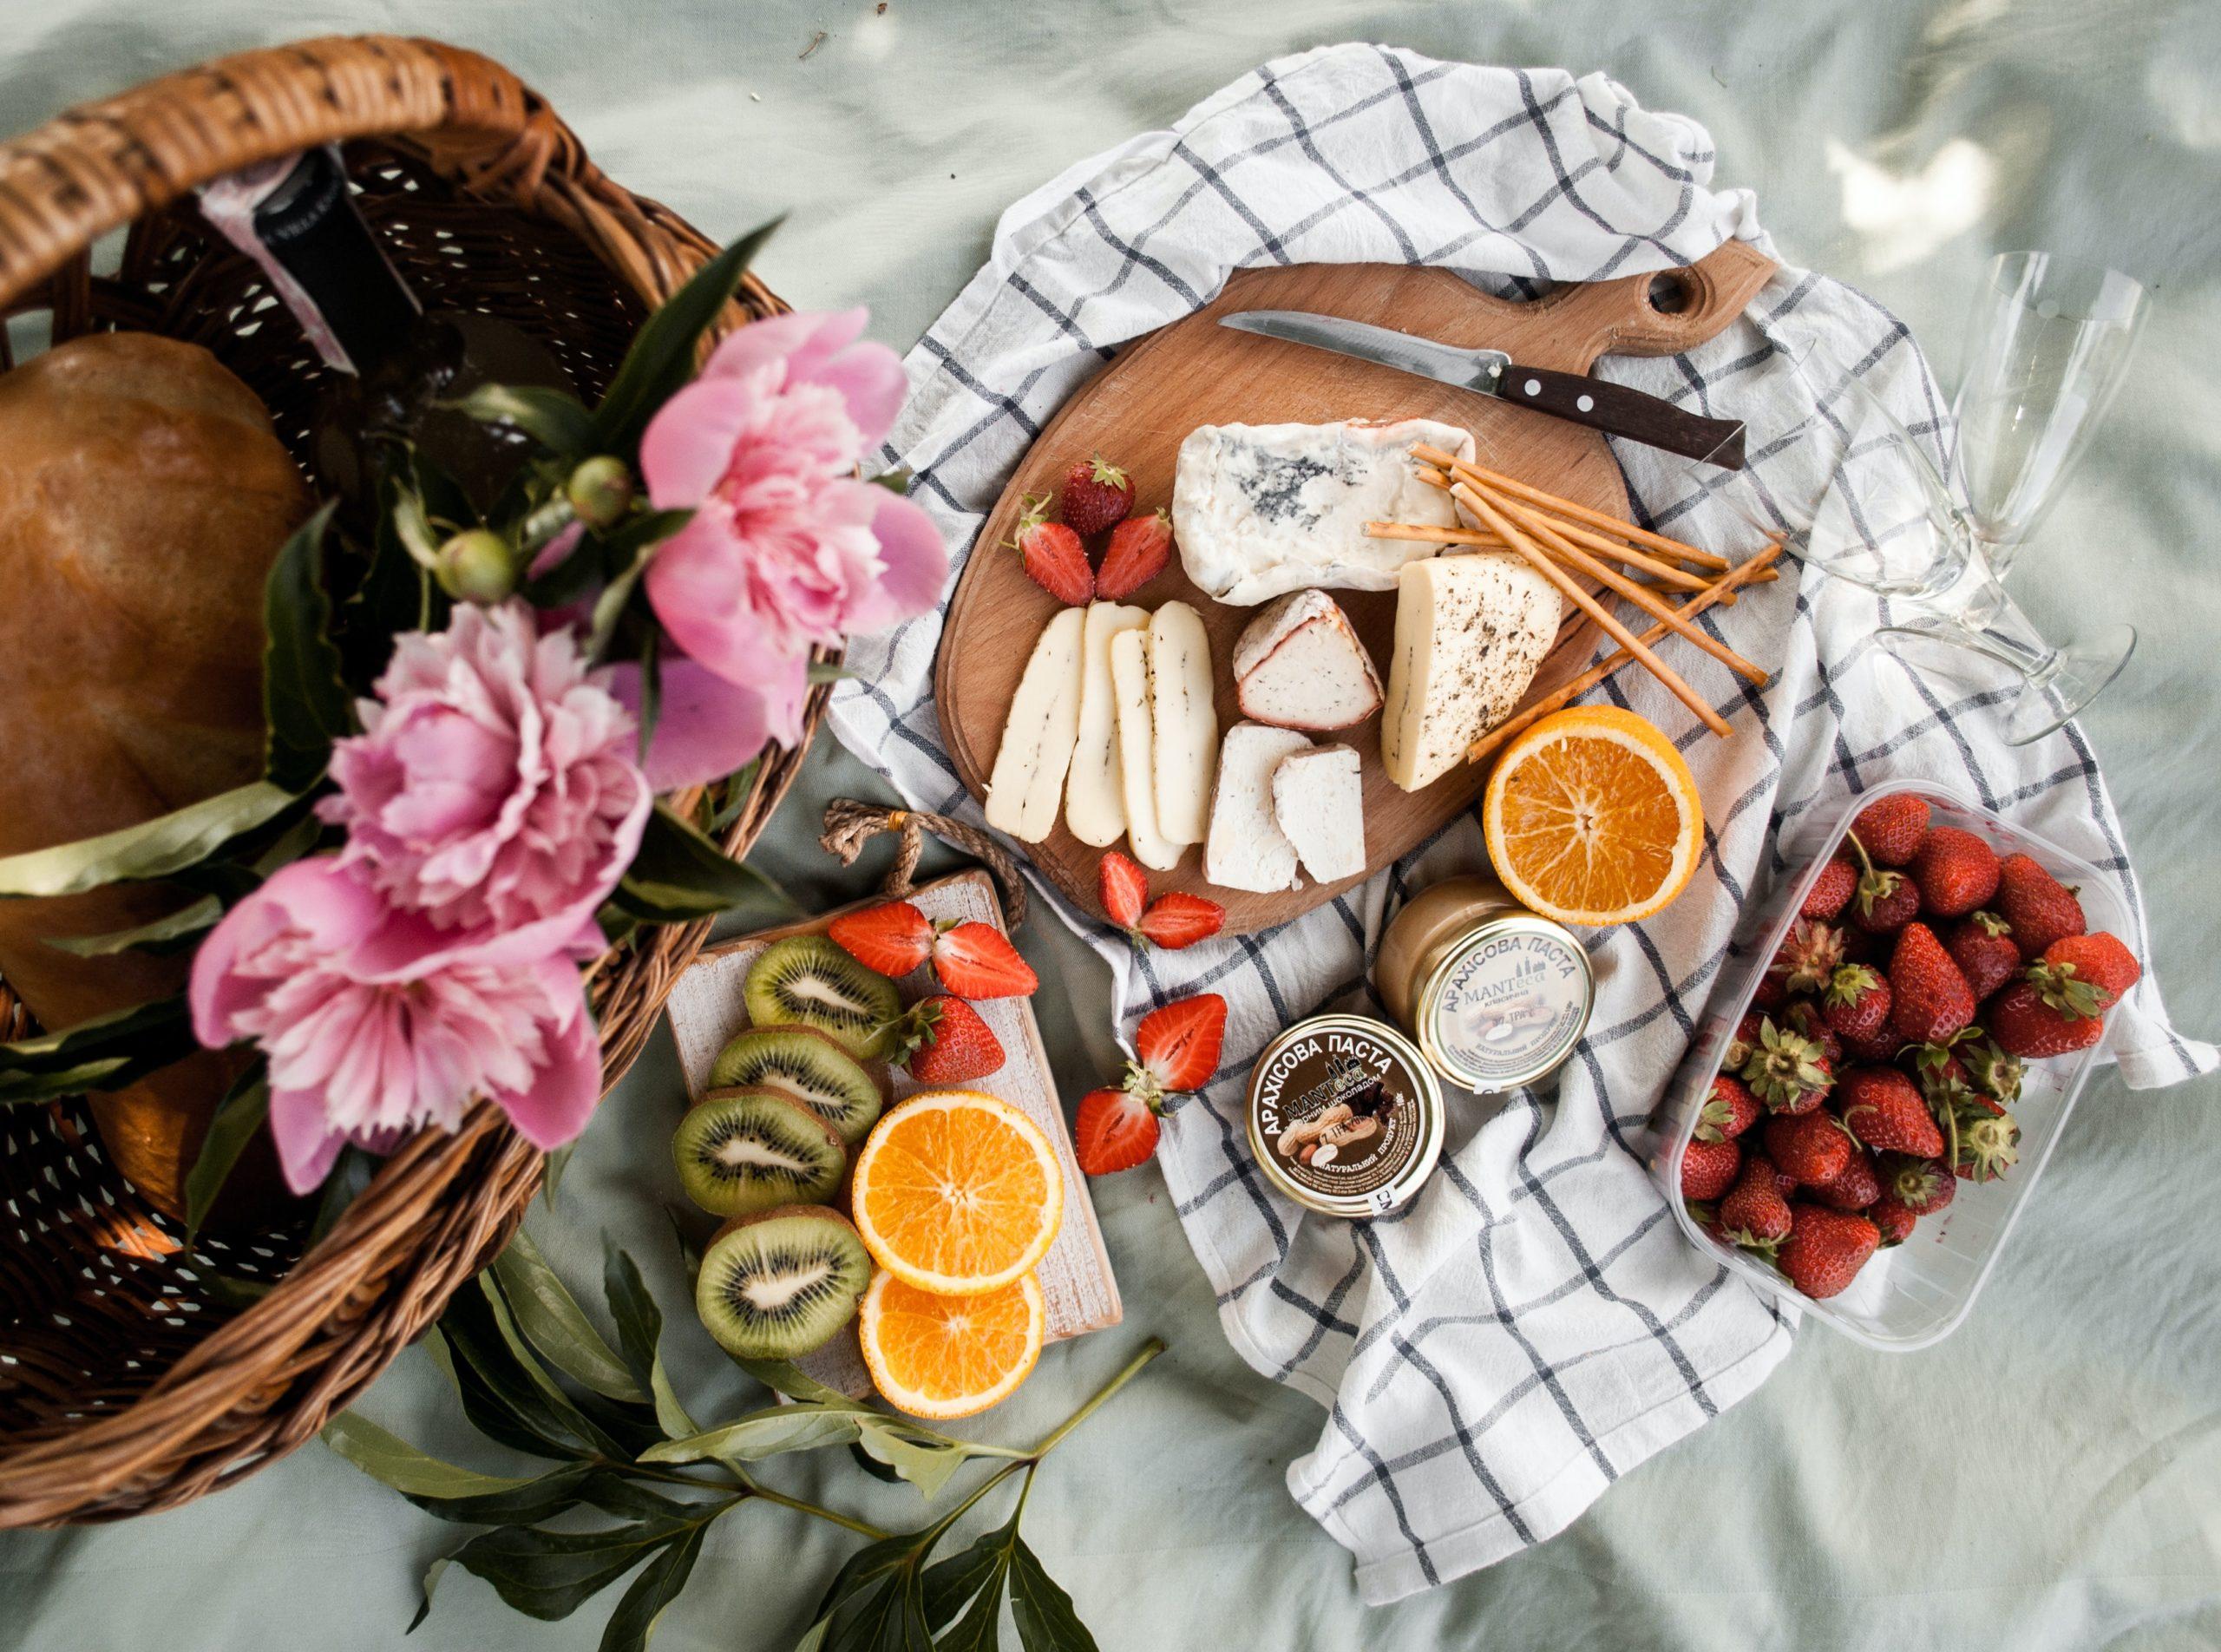 Piatti Freddi Veloci Da Asporto pranzo al sacco: 5 idee per gite e pic-nic | diredonna